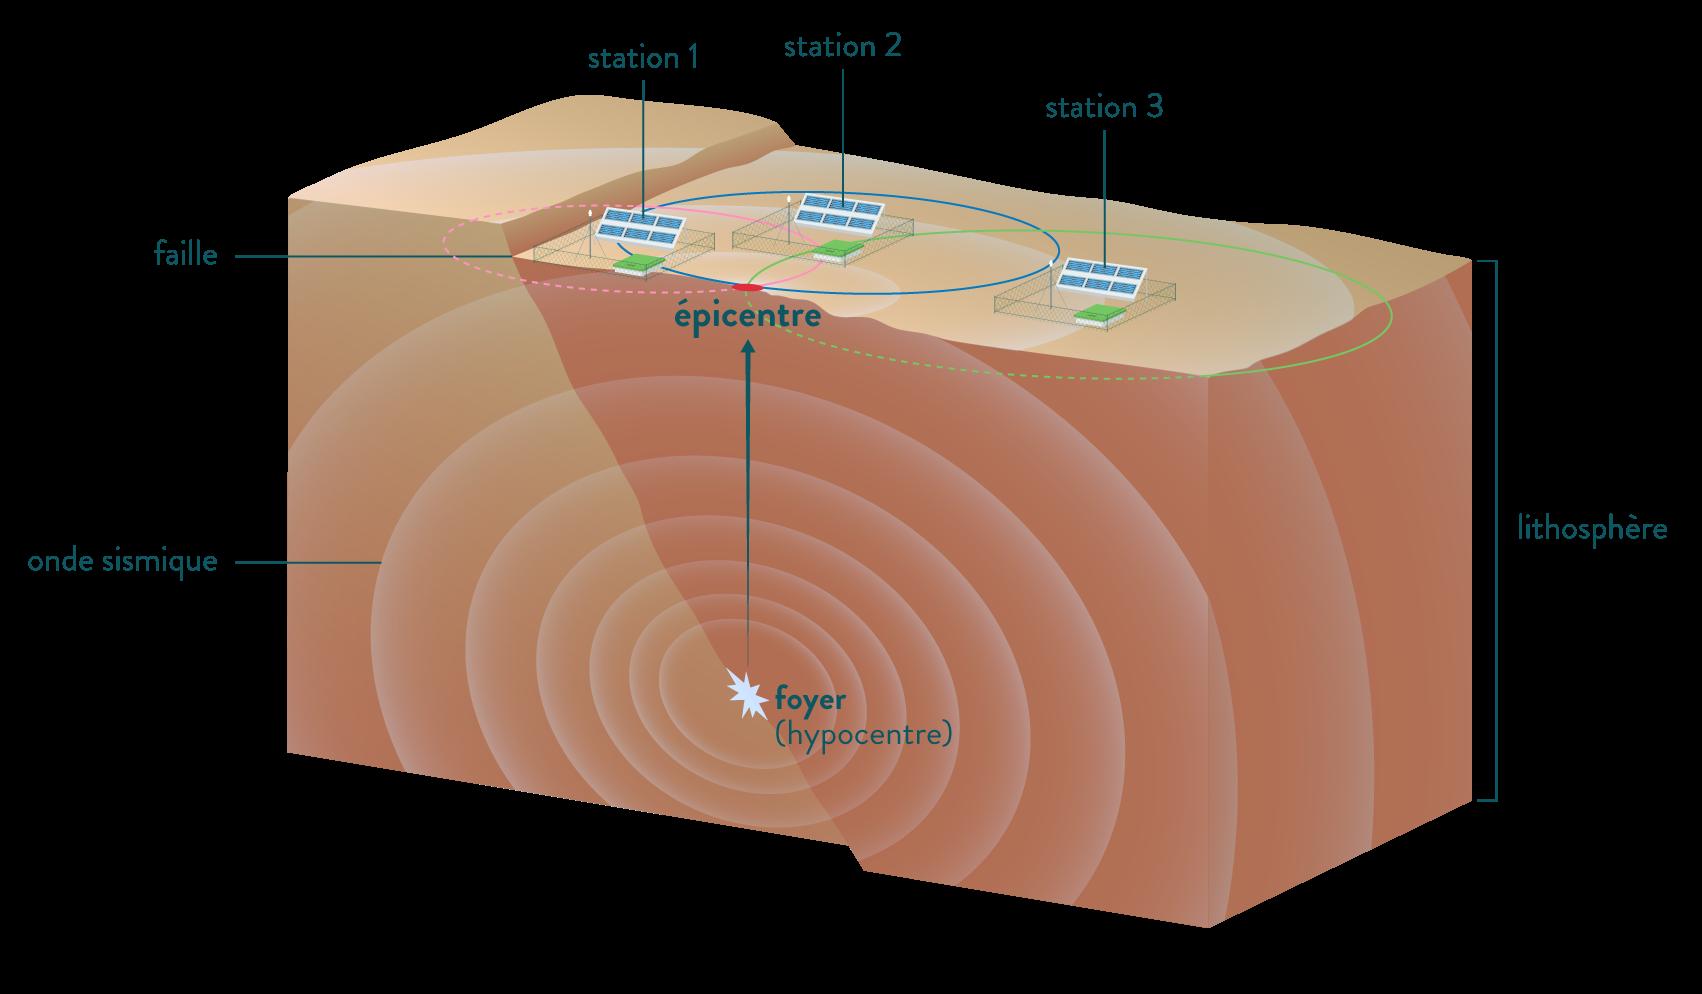 déterminer épicentre foyer sismique hypocentre trois stations sv première schoolmouv